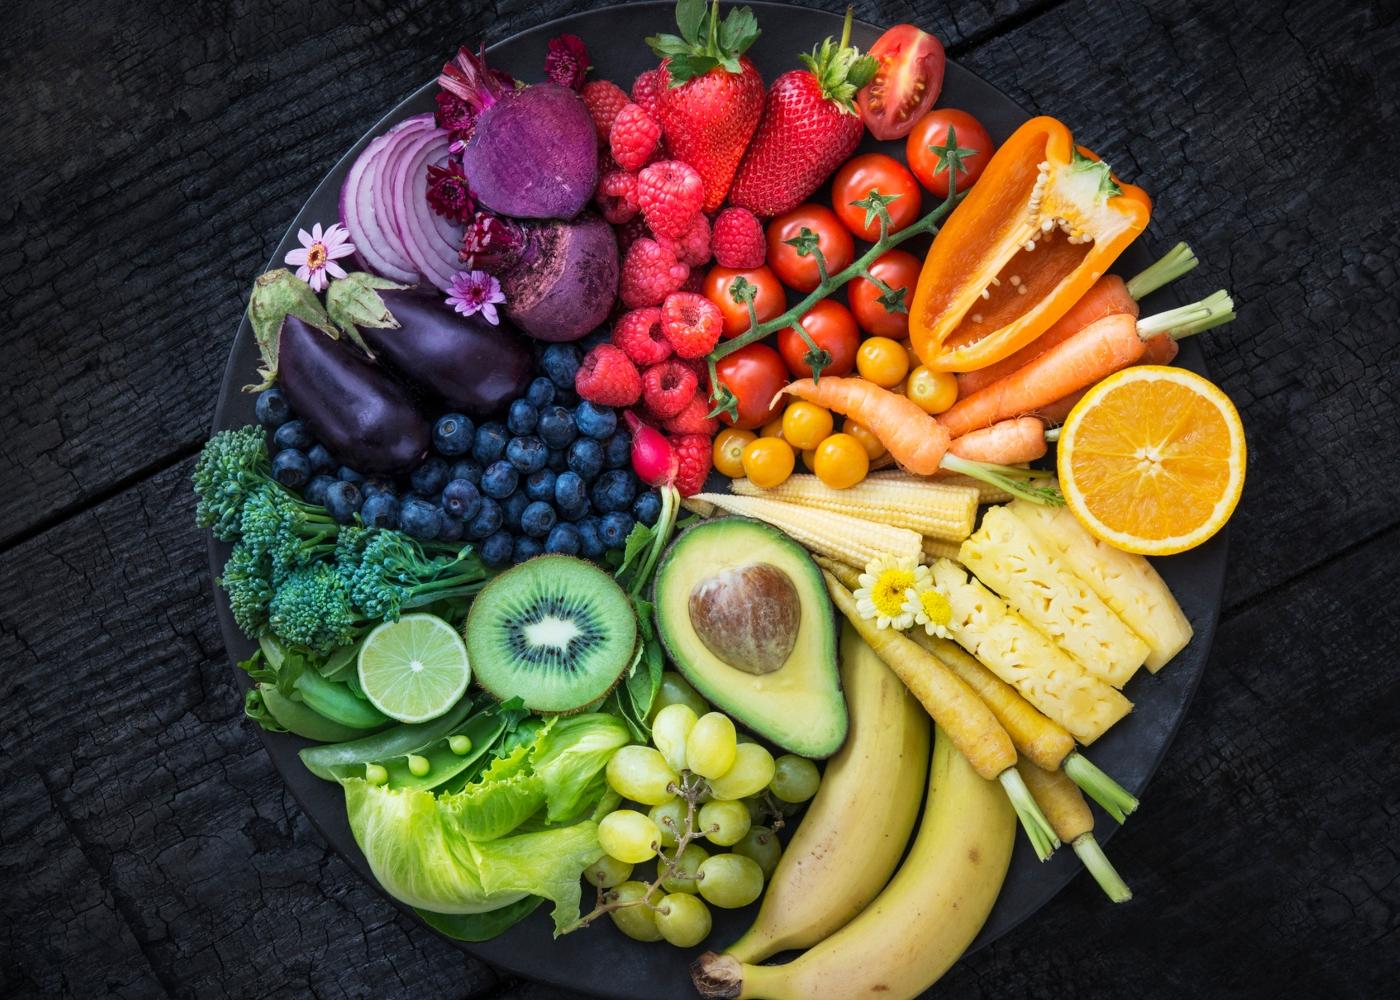 Cesto com variedade de frutas e legumes